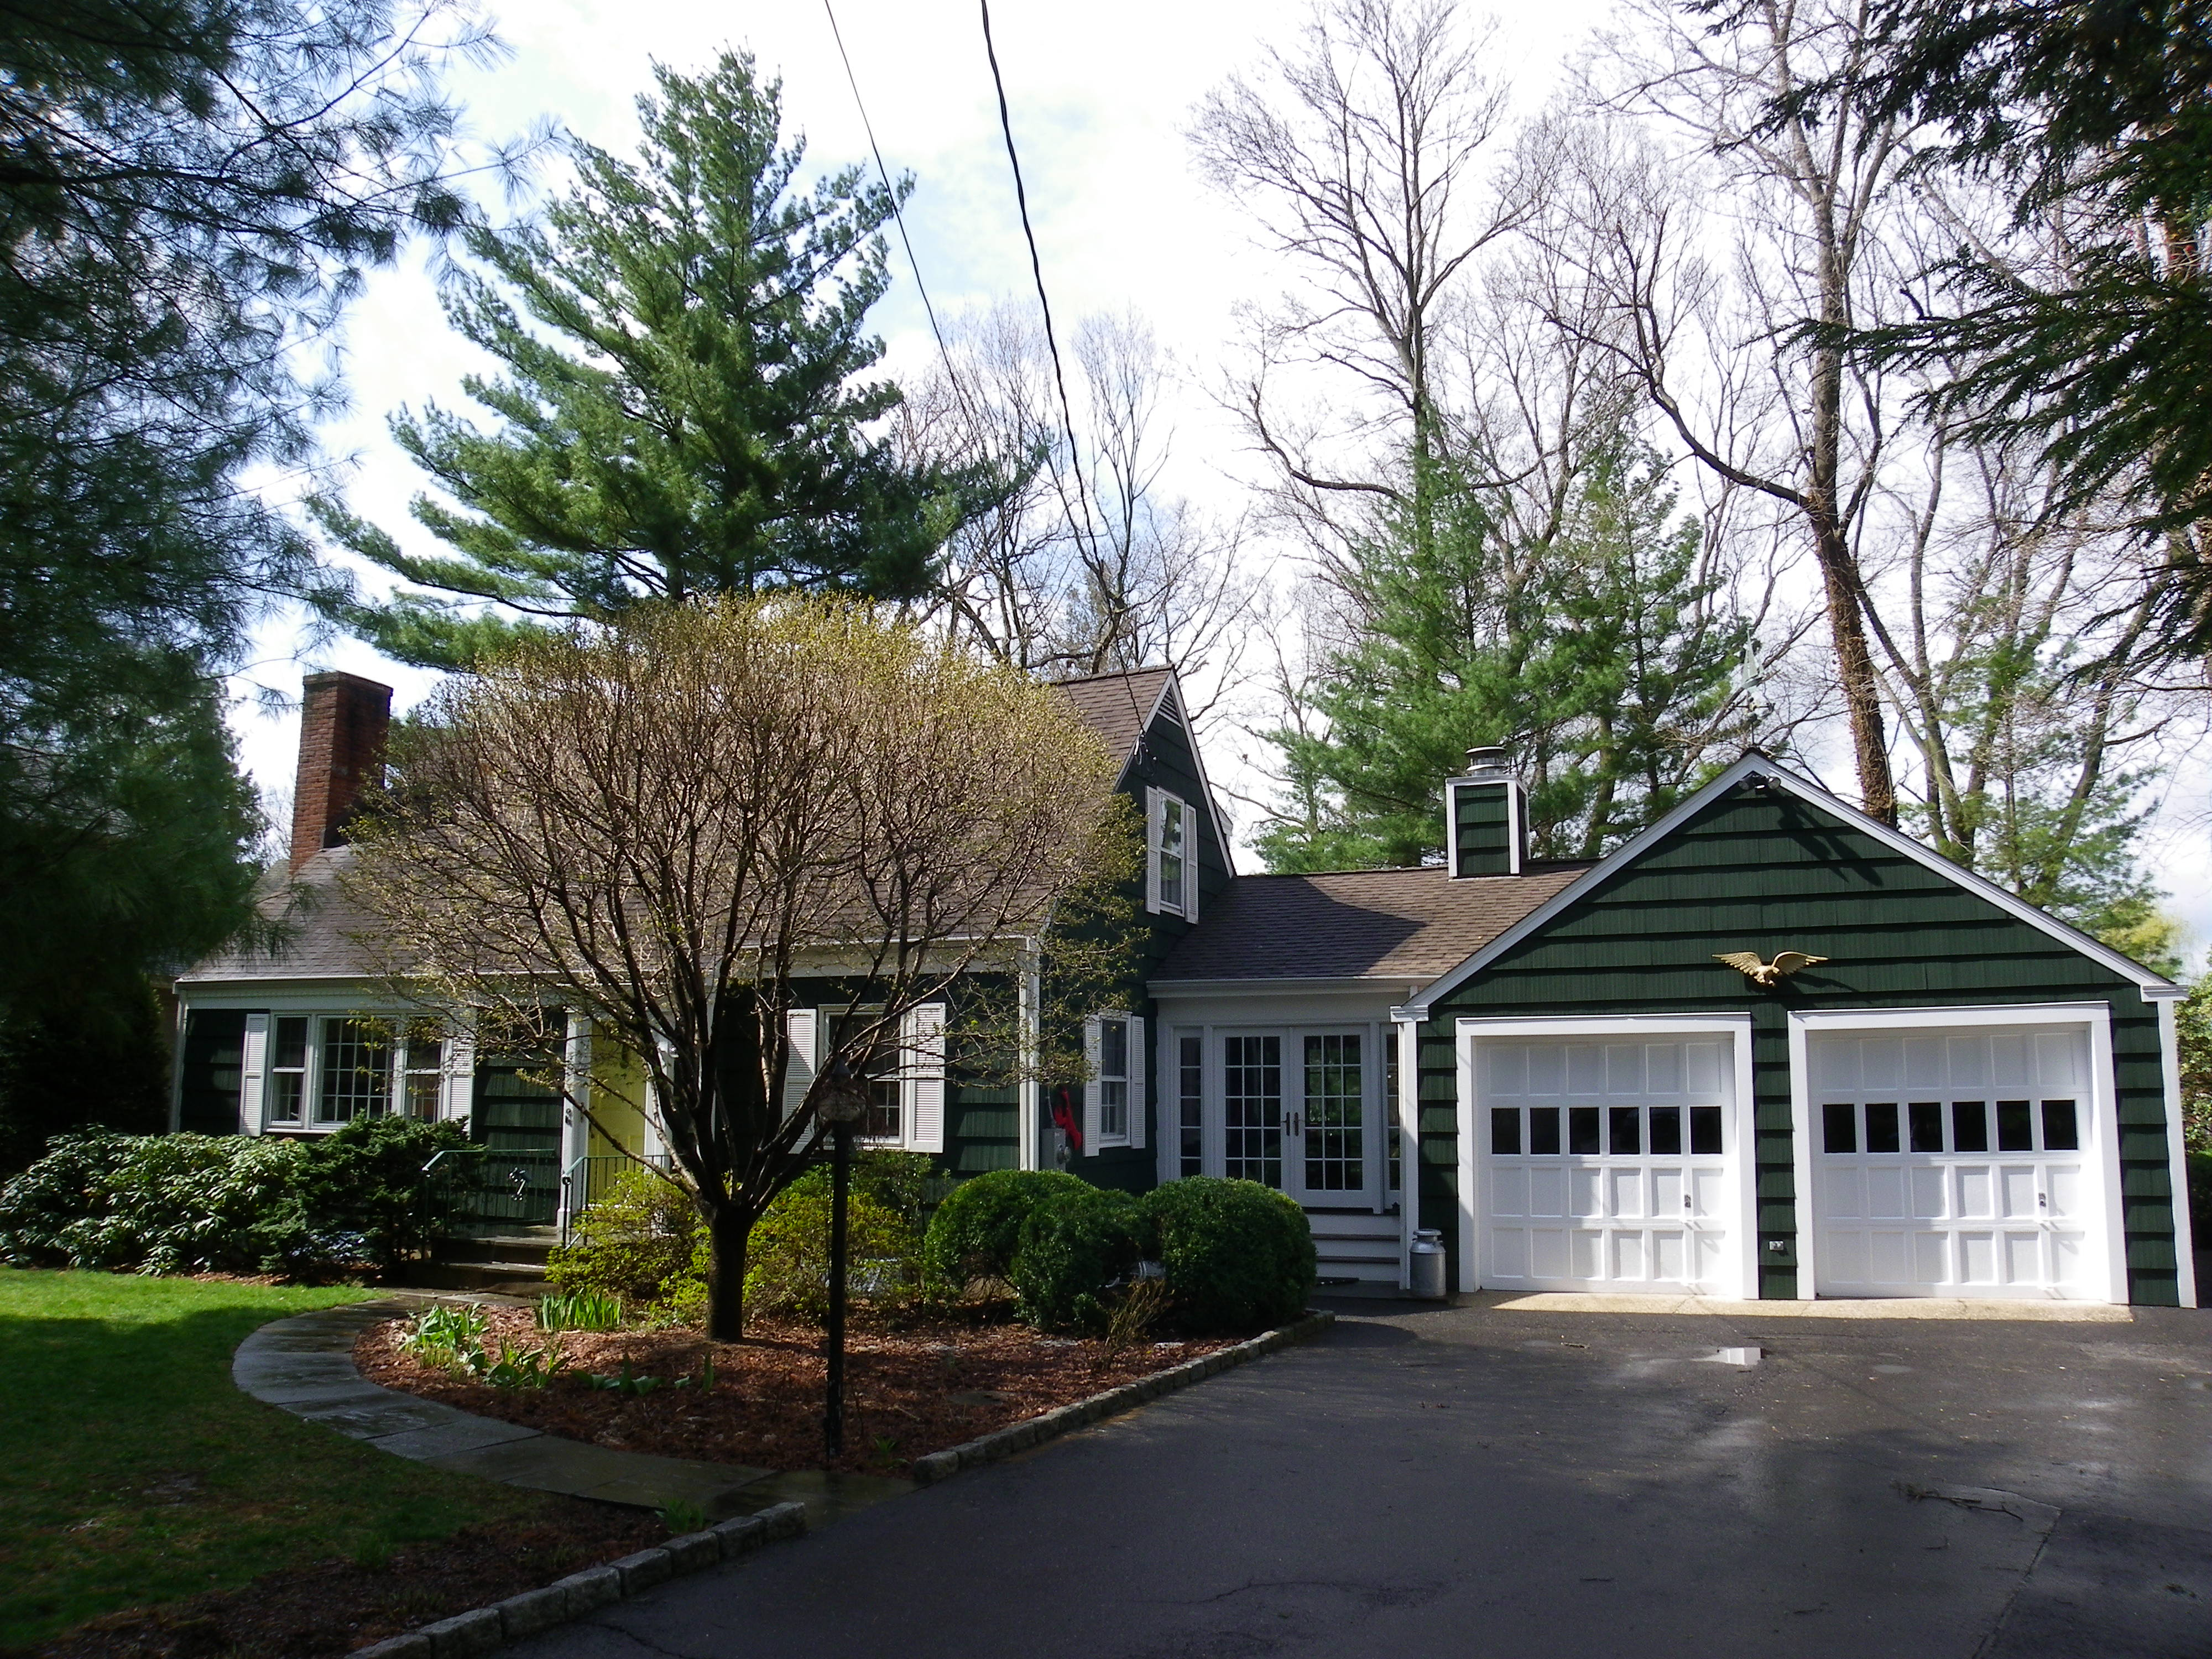 단독 가정 주택 용 매매 에 Central Village Location 34 Wilson Avenue Rowayton, Norwalk, 코네티컷 06853 미국